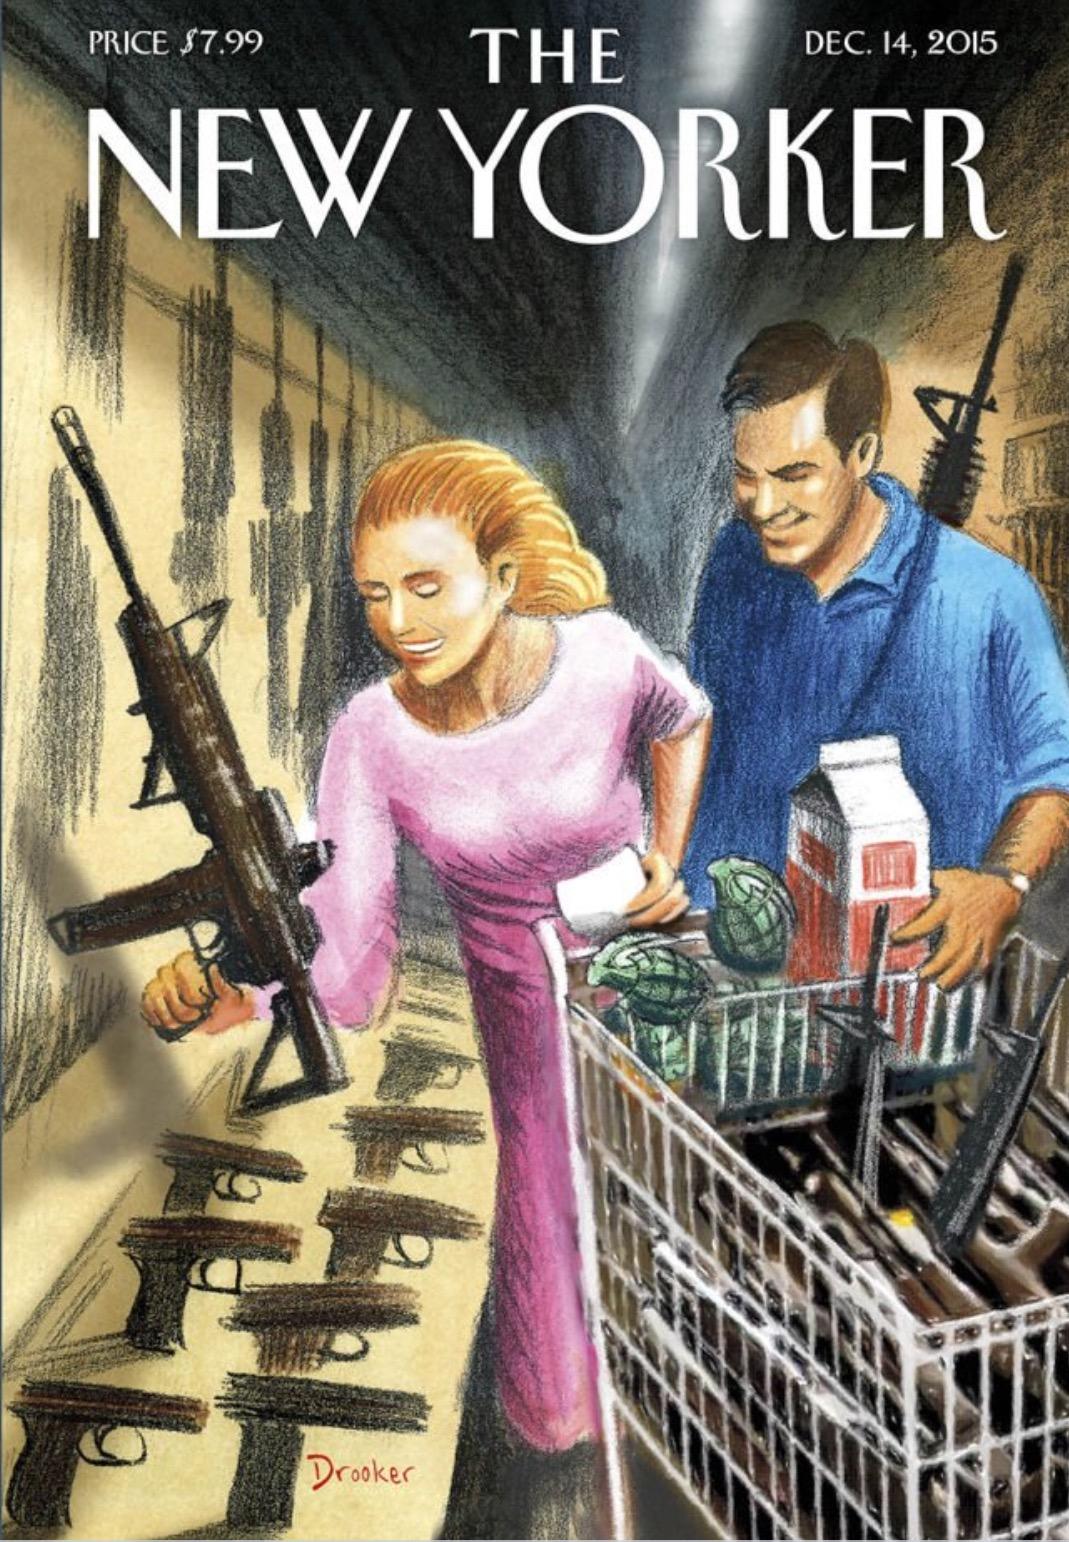 La couverture choc du New Yorker pour dénoncer la libre circulation des armes